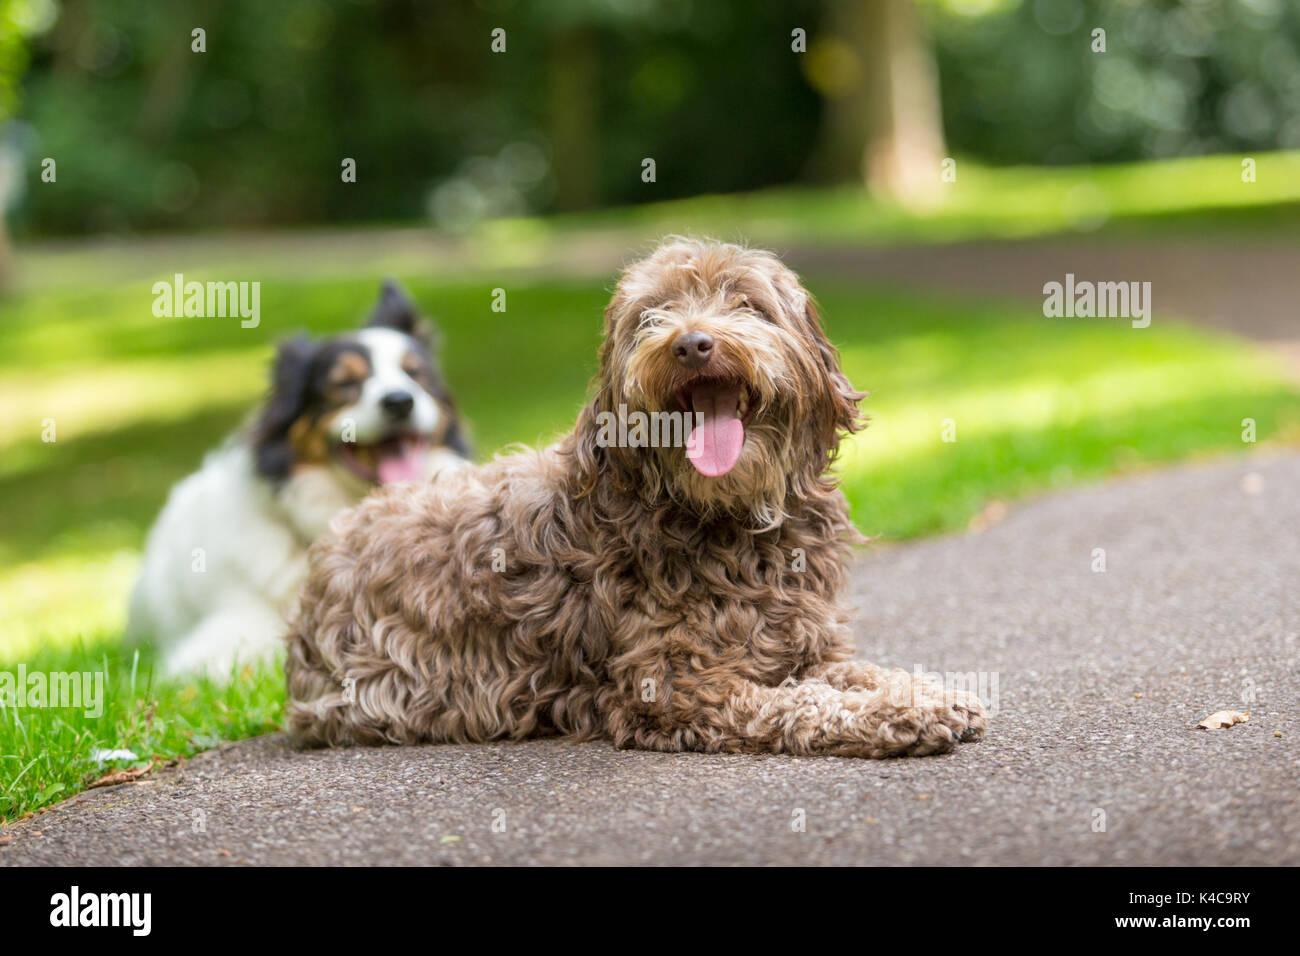 Mixed Border Collie Und Pudel Hund Die Auf Dem Gras In Einem Park Stockfotografie Alamy